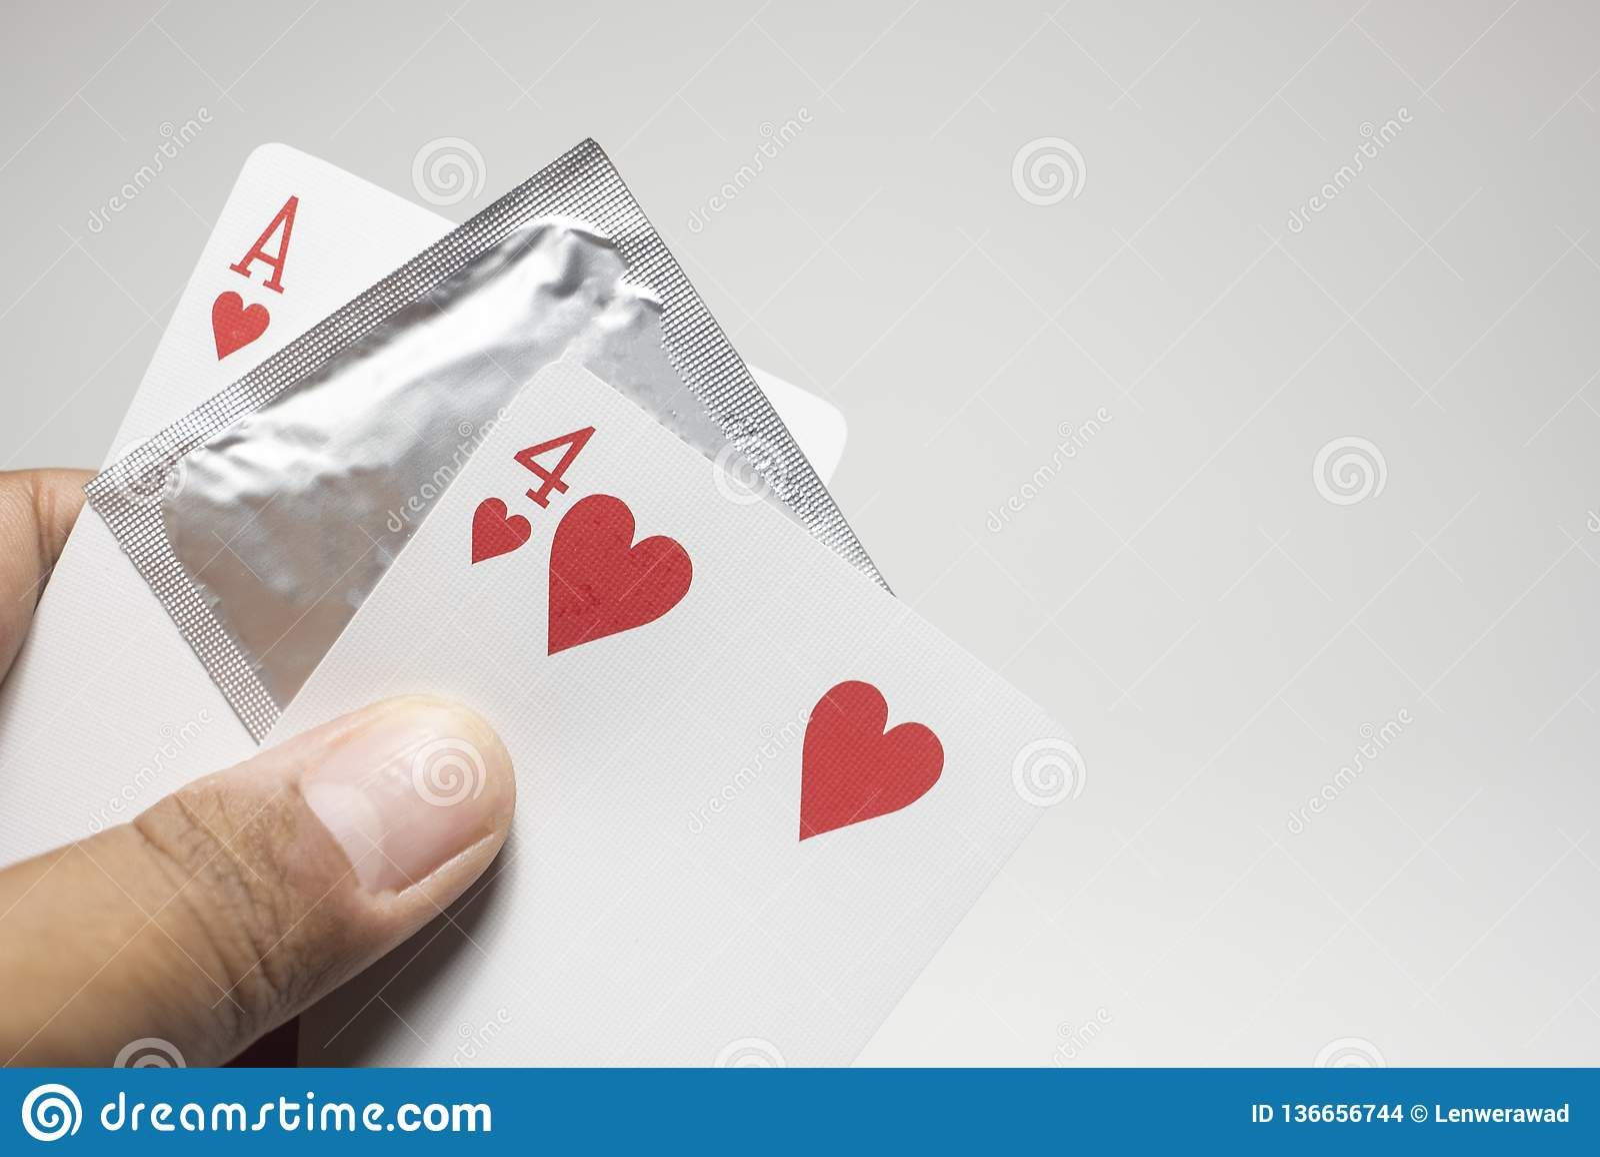 O dia de valentines, número quatorze números do cartão, preservativo para impedir o conceito novo do amor do sexo seguro dos Vale